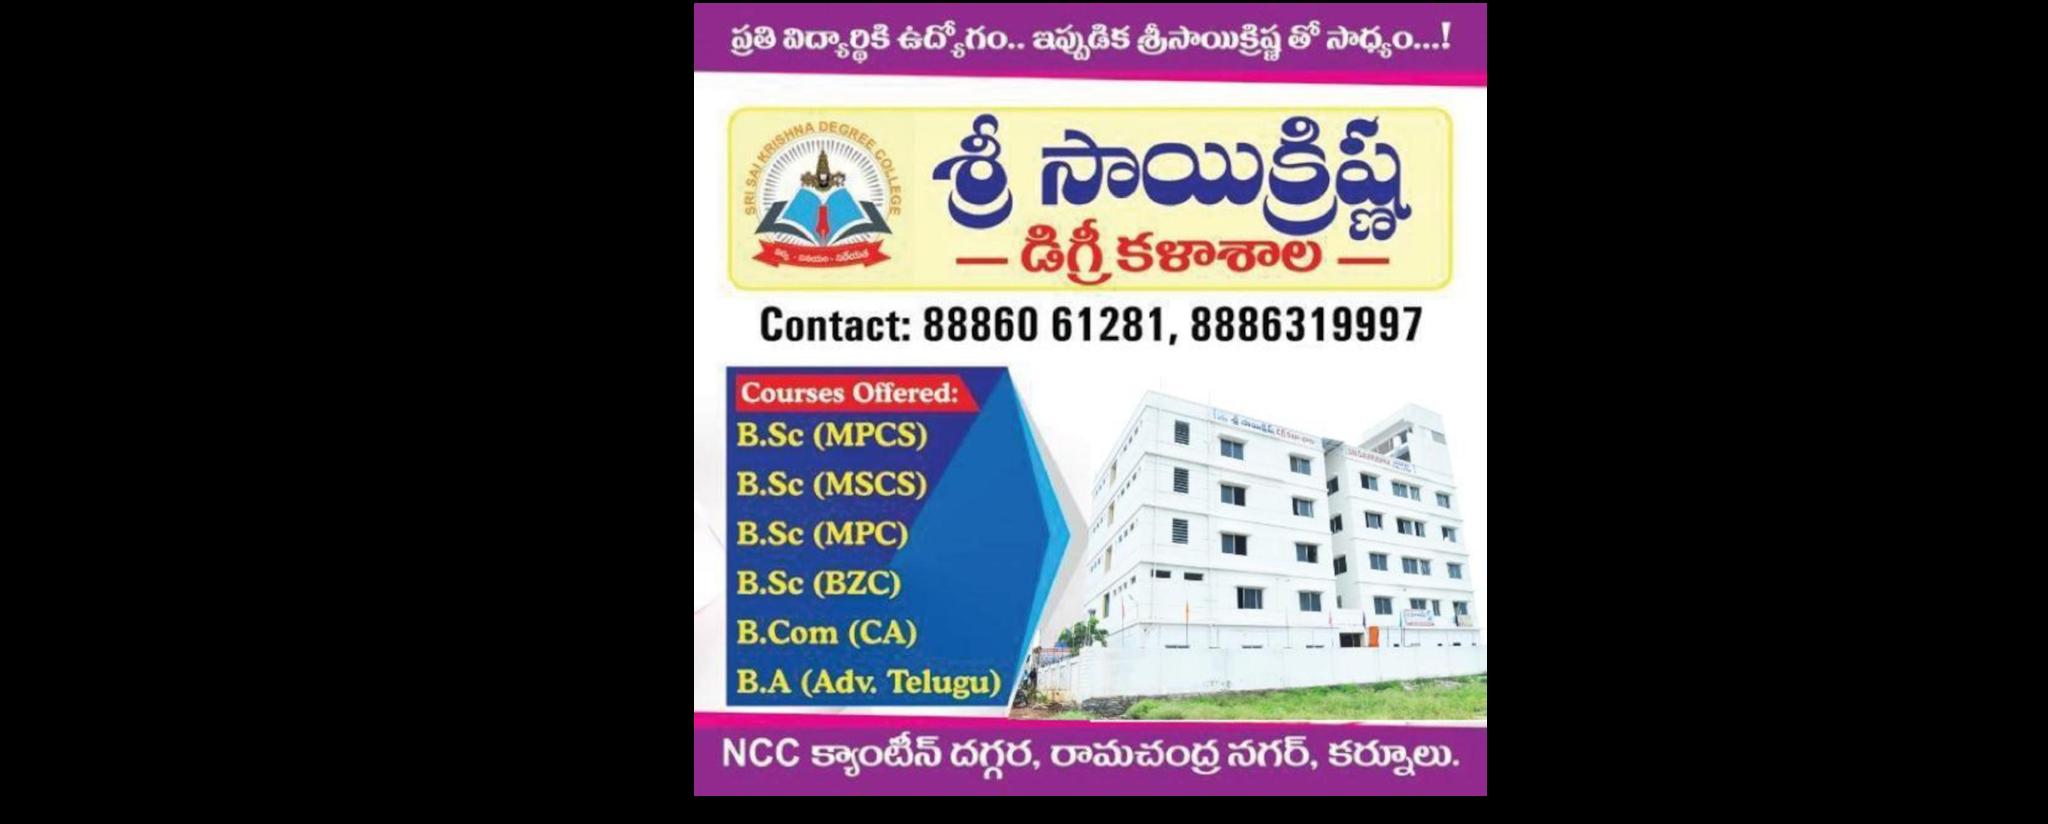 Sri Sai Krishna Degree College - College and Educational Institution in B Camp, Kurnool